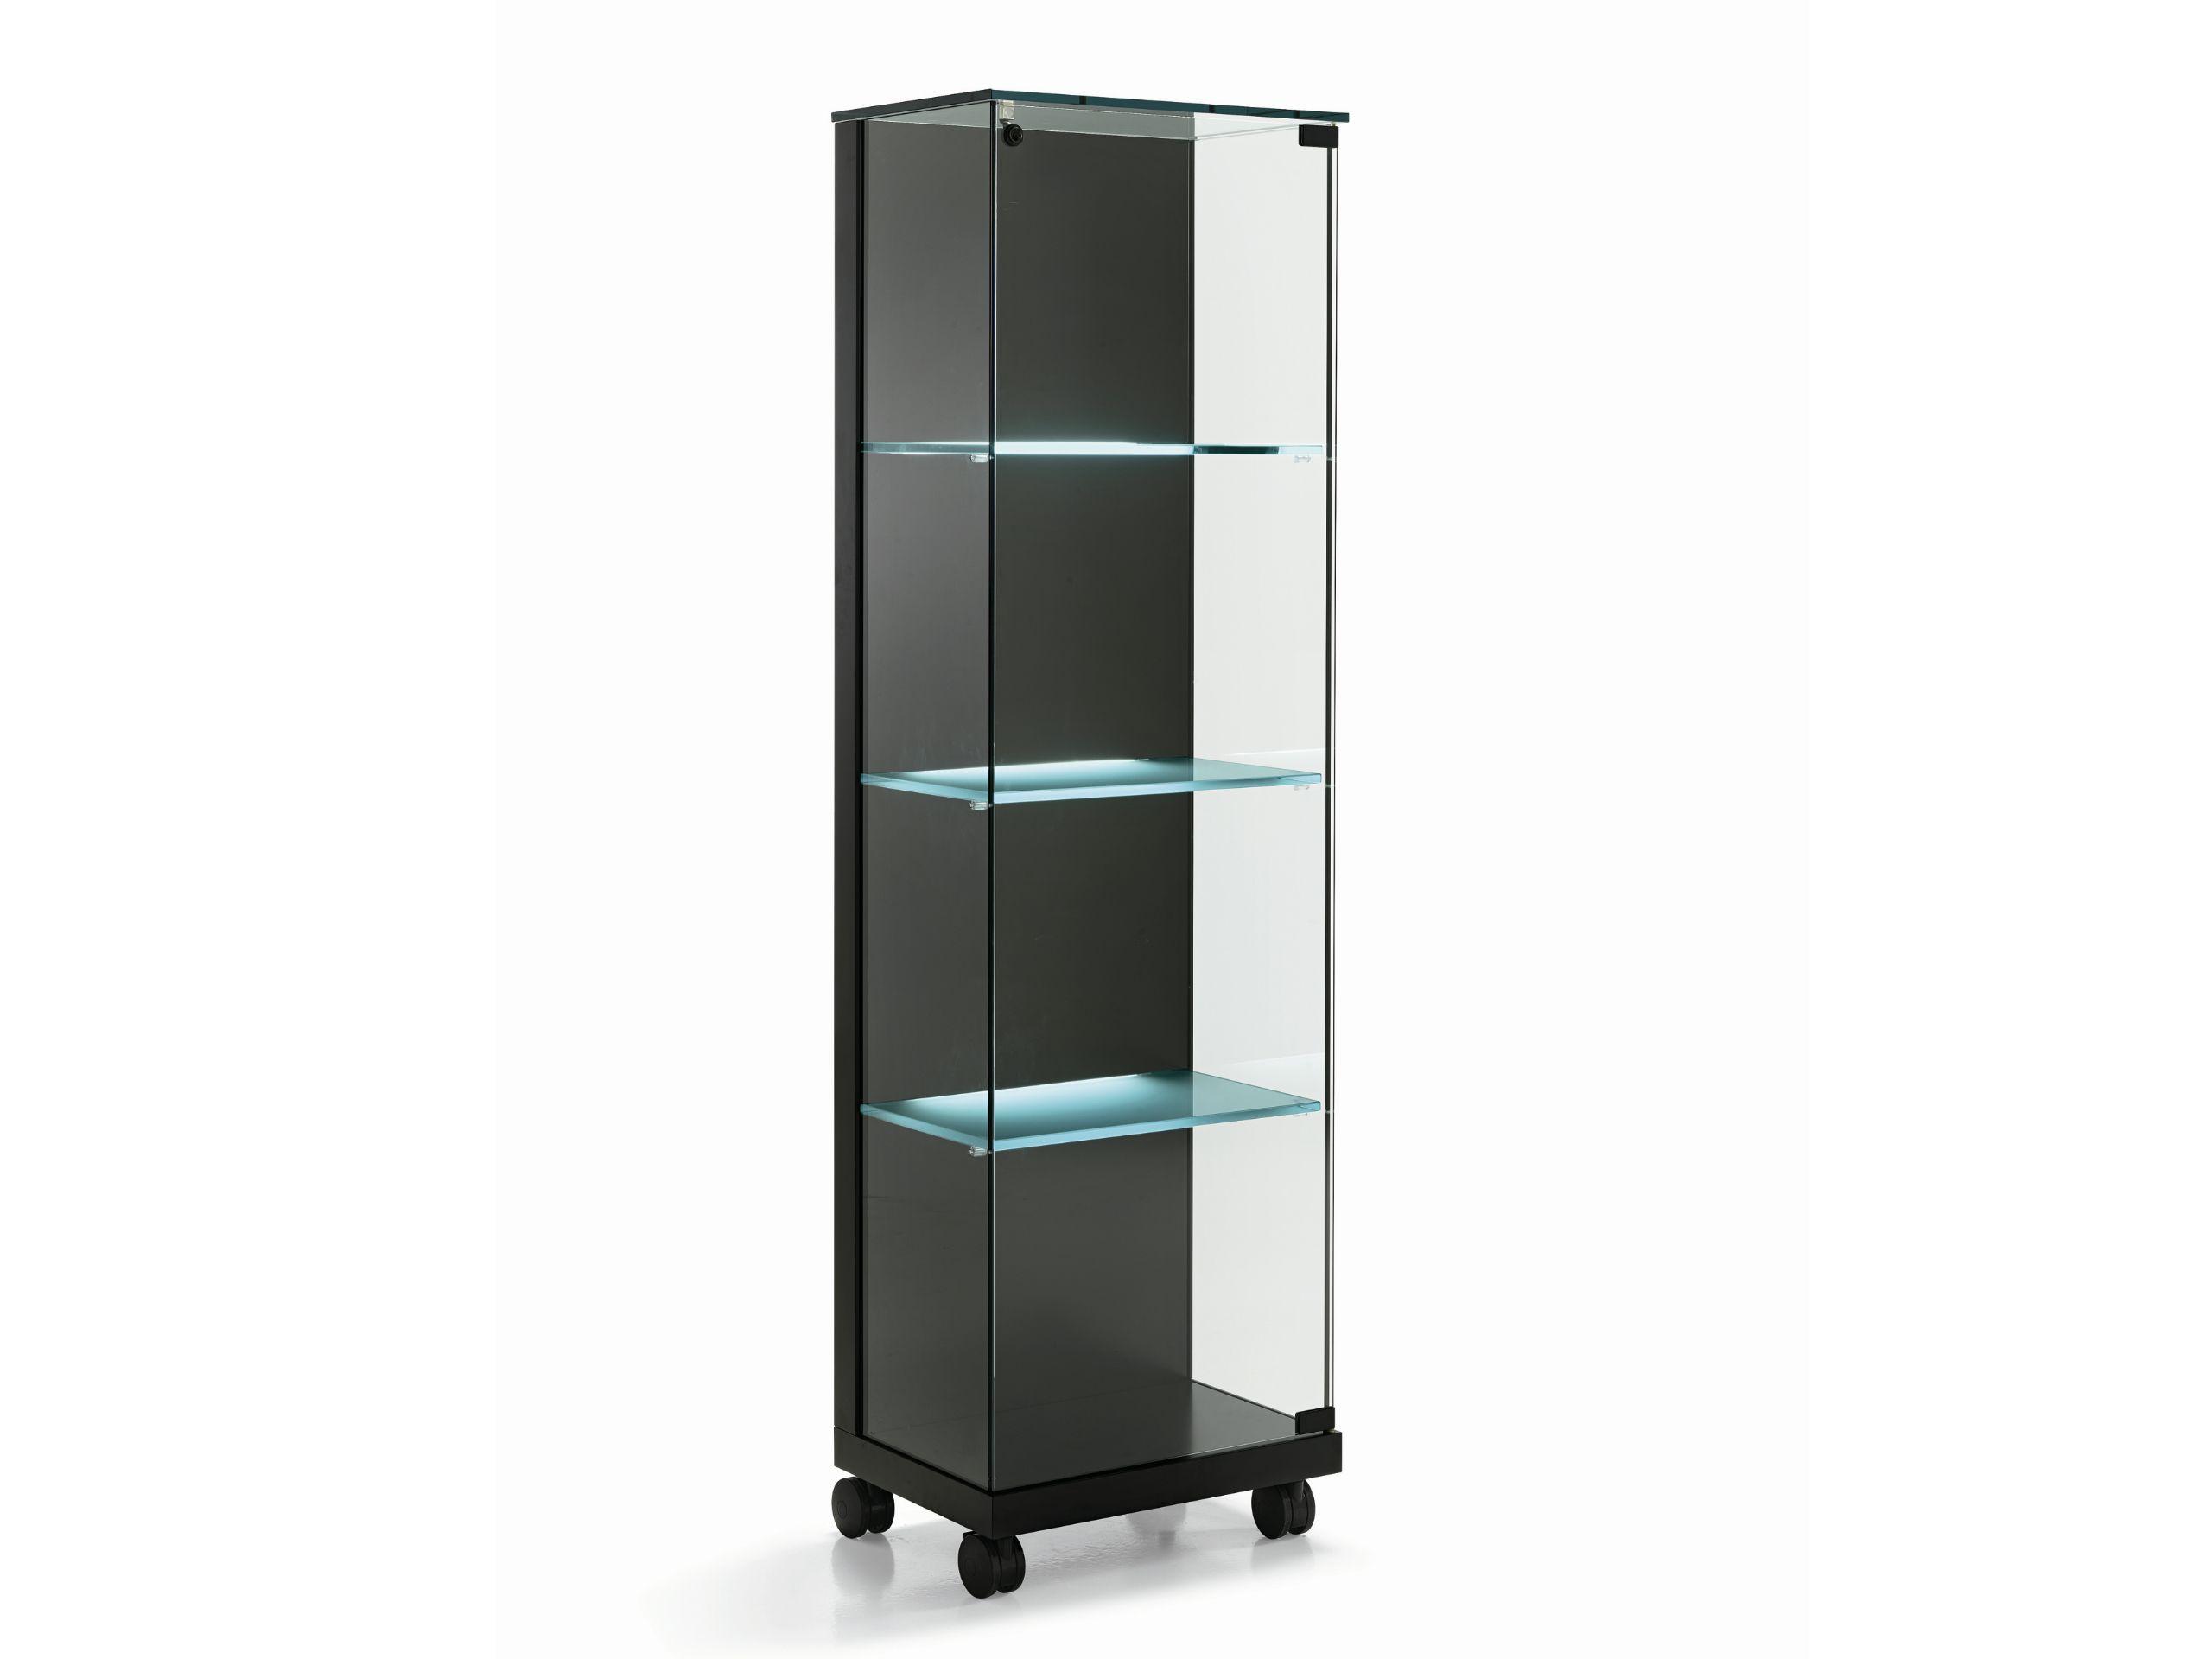 Vitrina de cristal con ruedas medora by tonelli design - Vitrinas de madera y vidrio ...